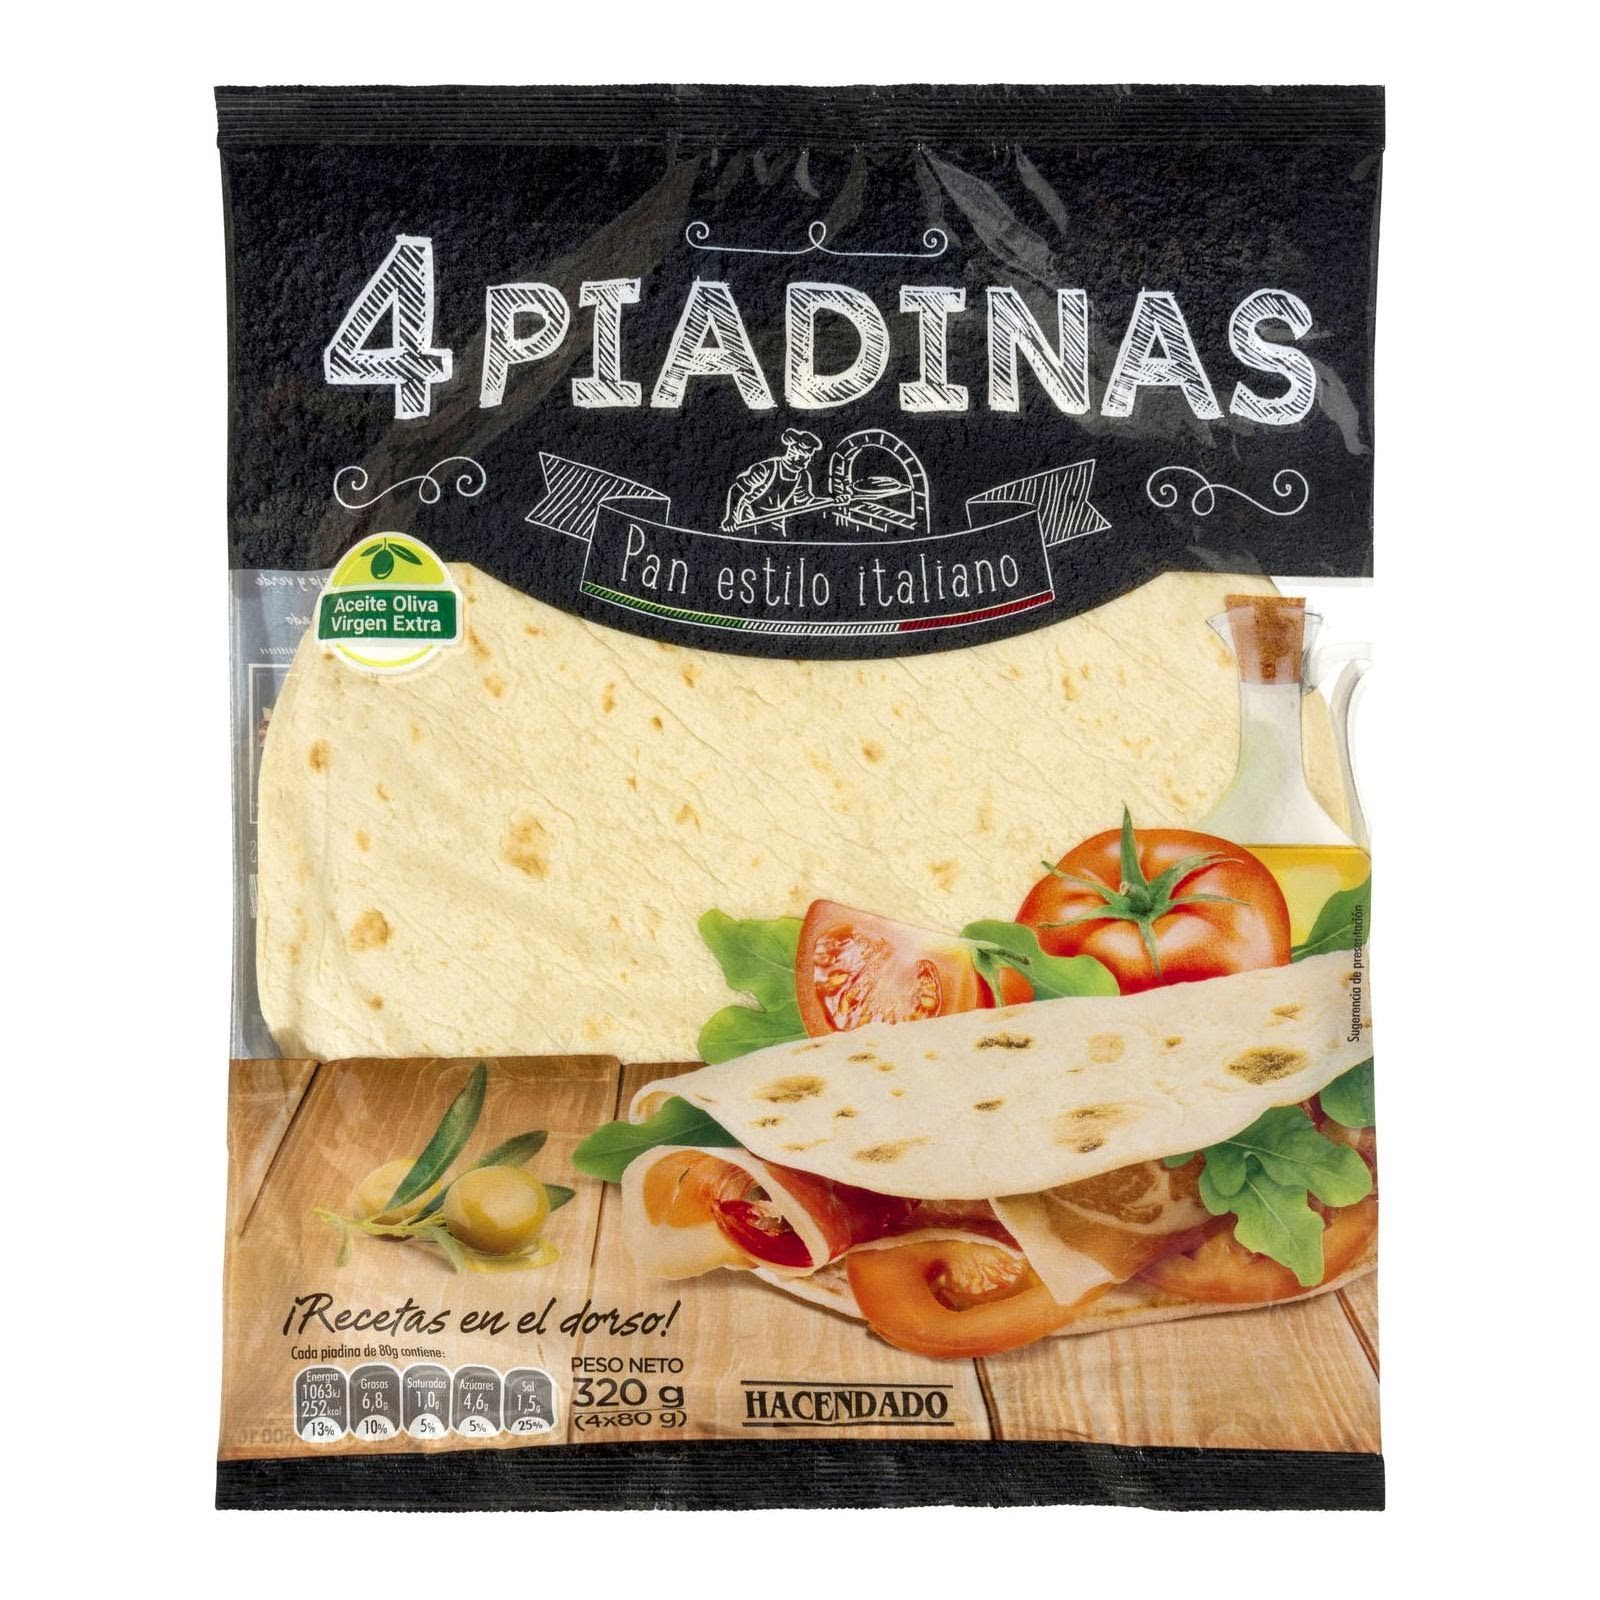 piadinas-pan-estilo-italiano-hacendado-mercadona-1-2940298